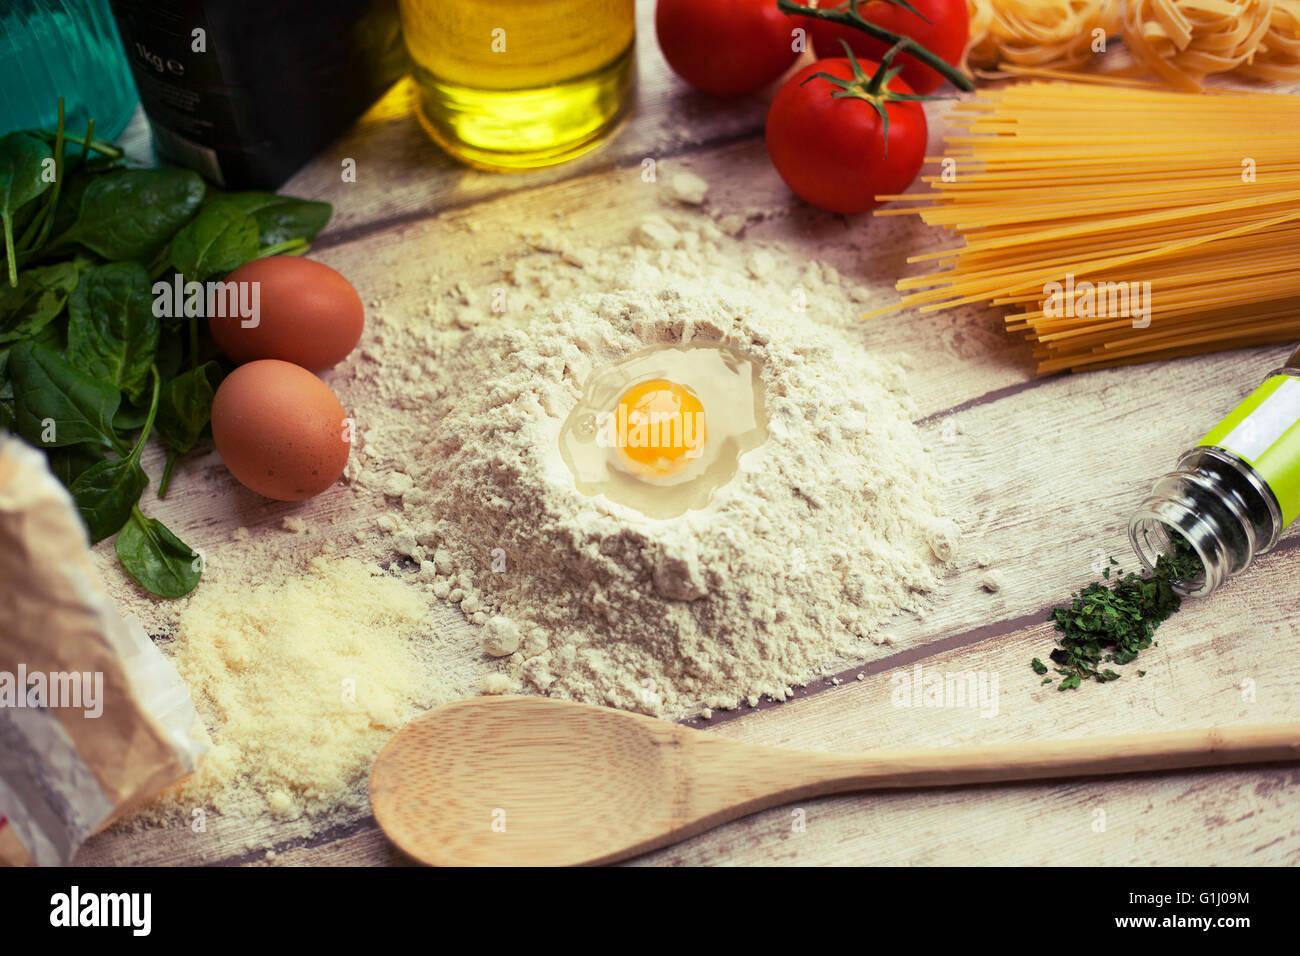 La préparation des plats italiens traditionnels faits maison Photo Stock